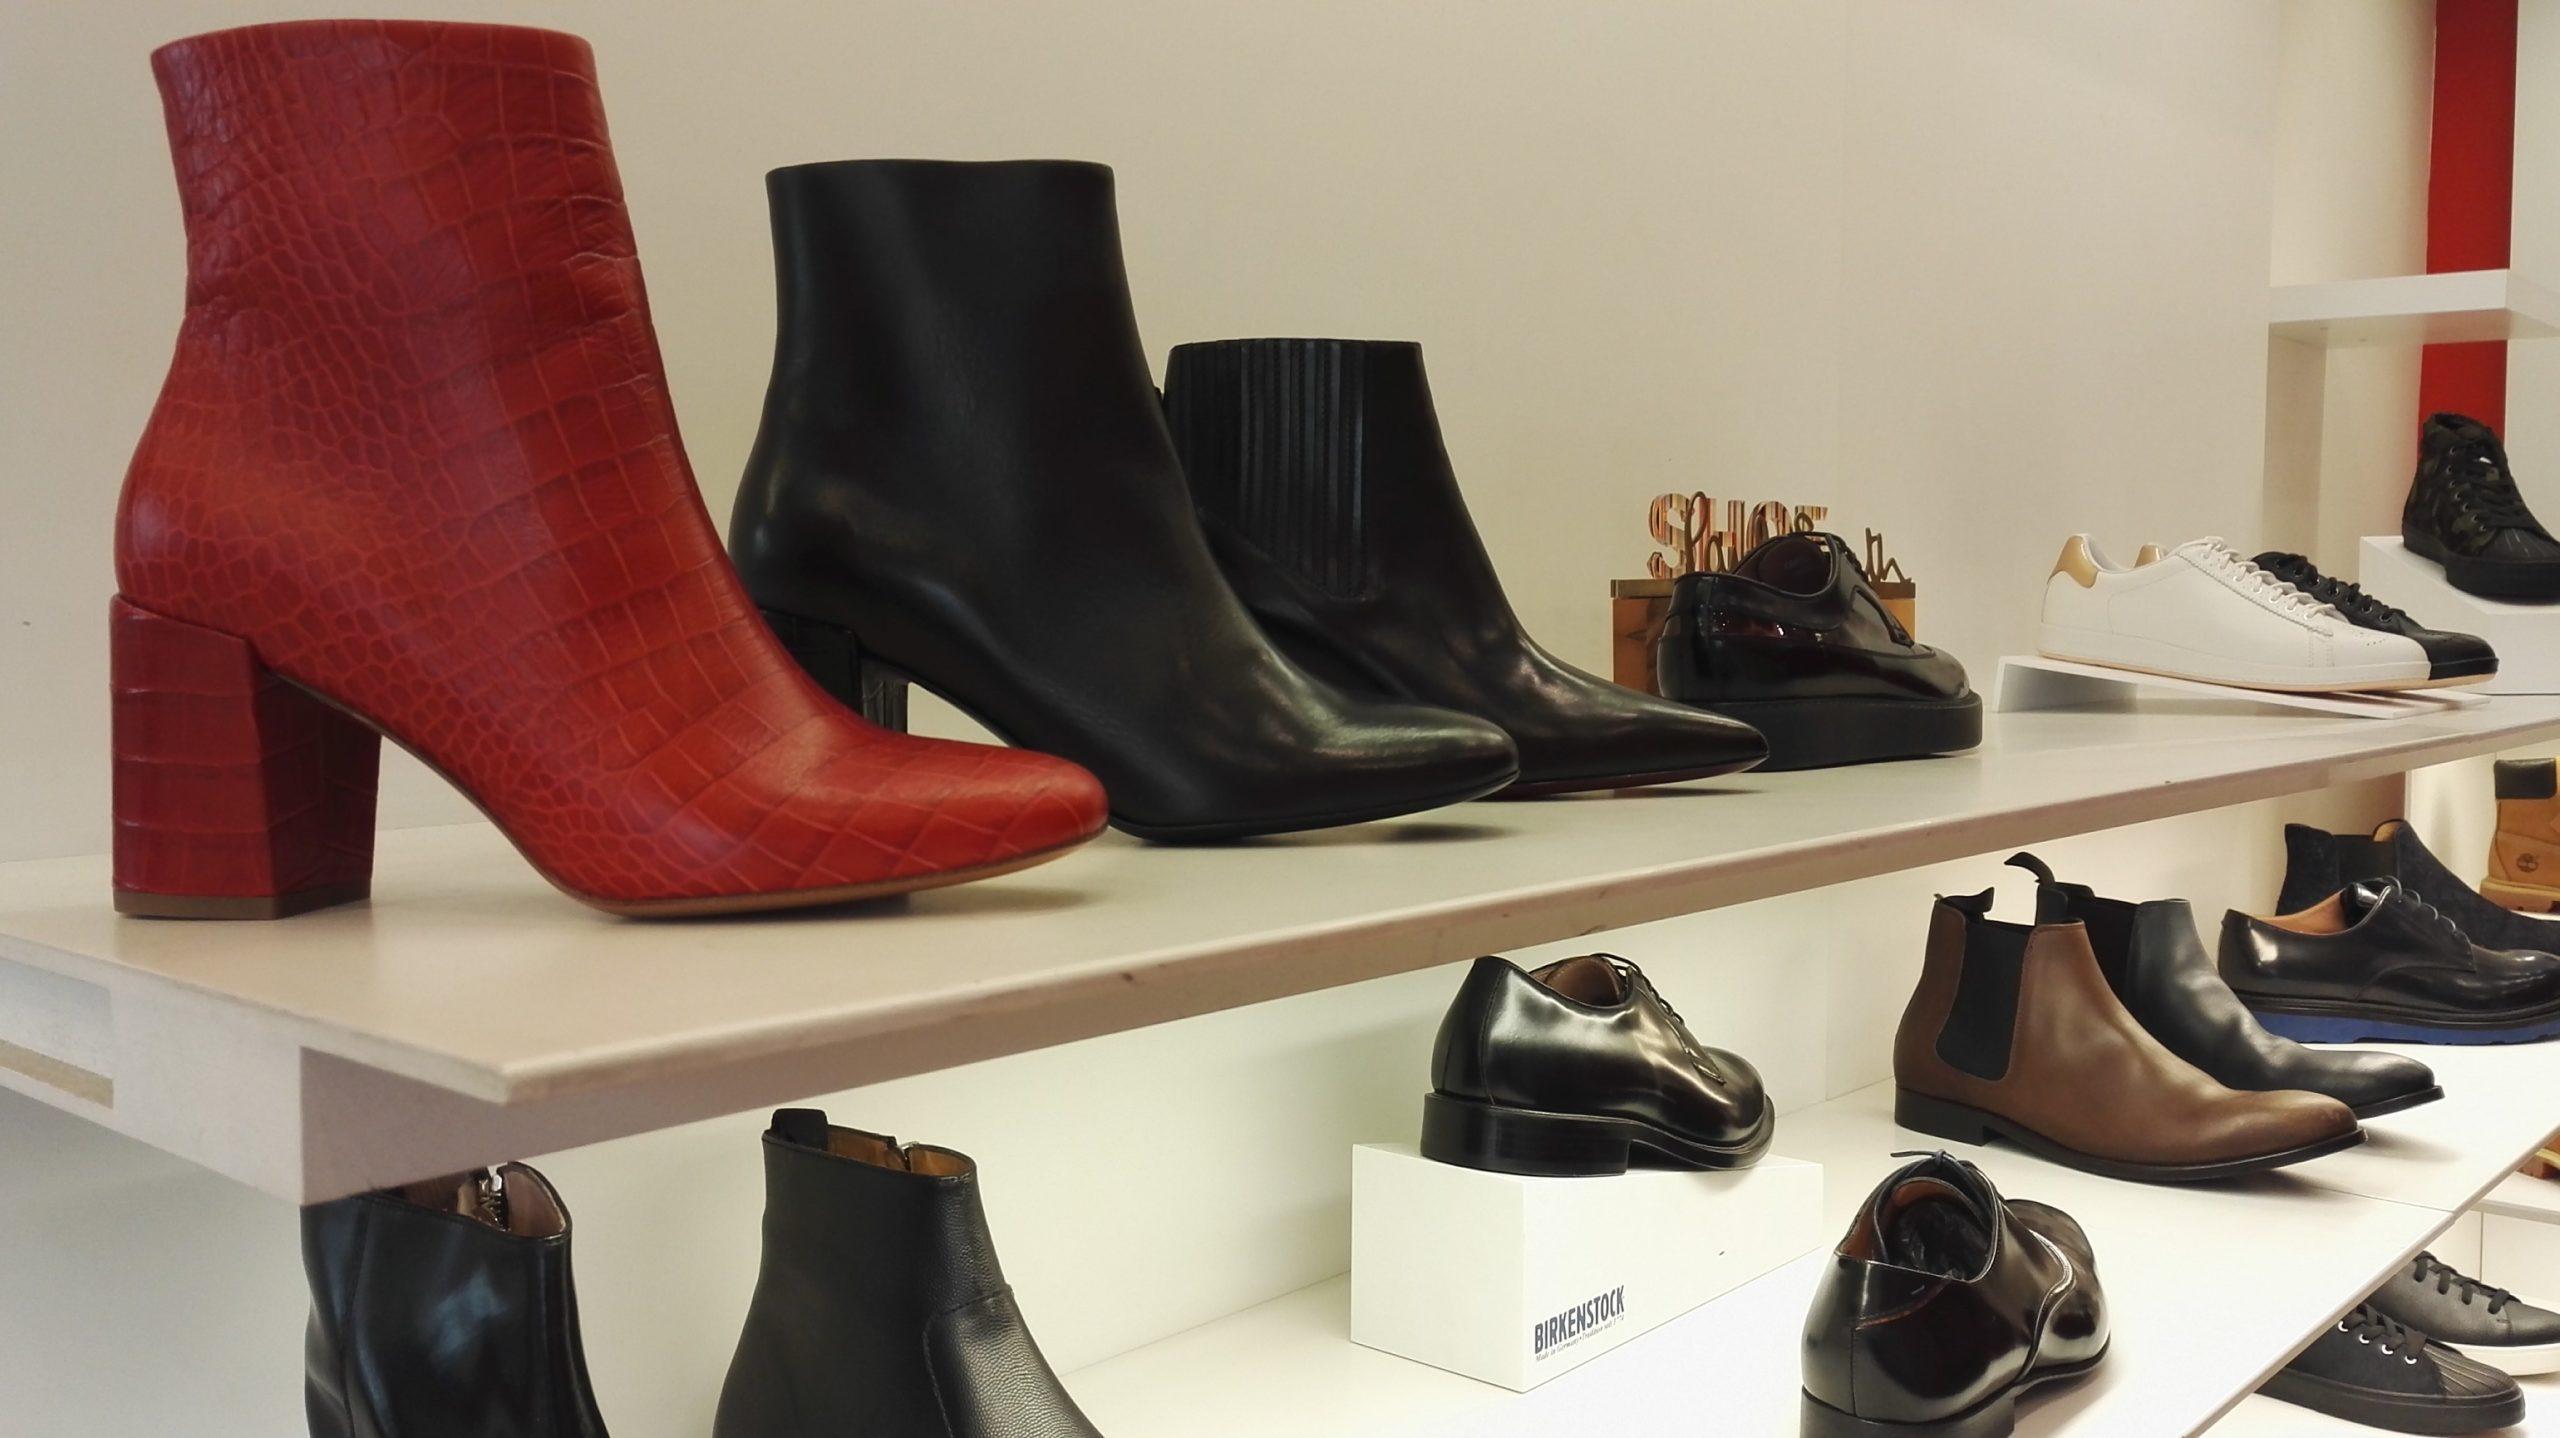 Boutique de chaussures Sausalito Paris 18 |